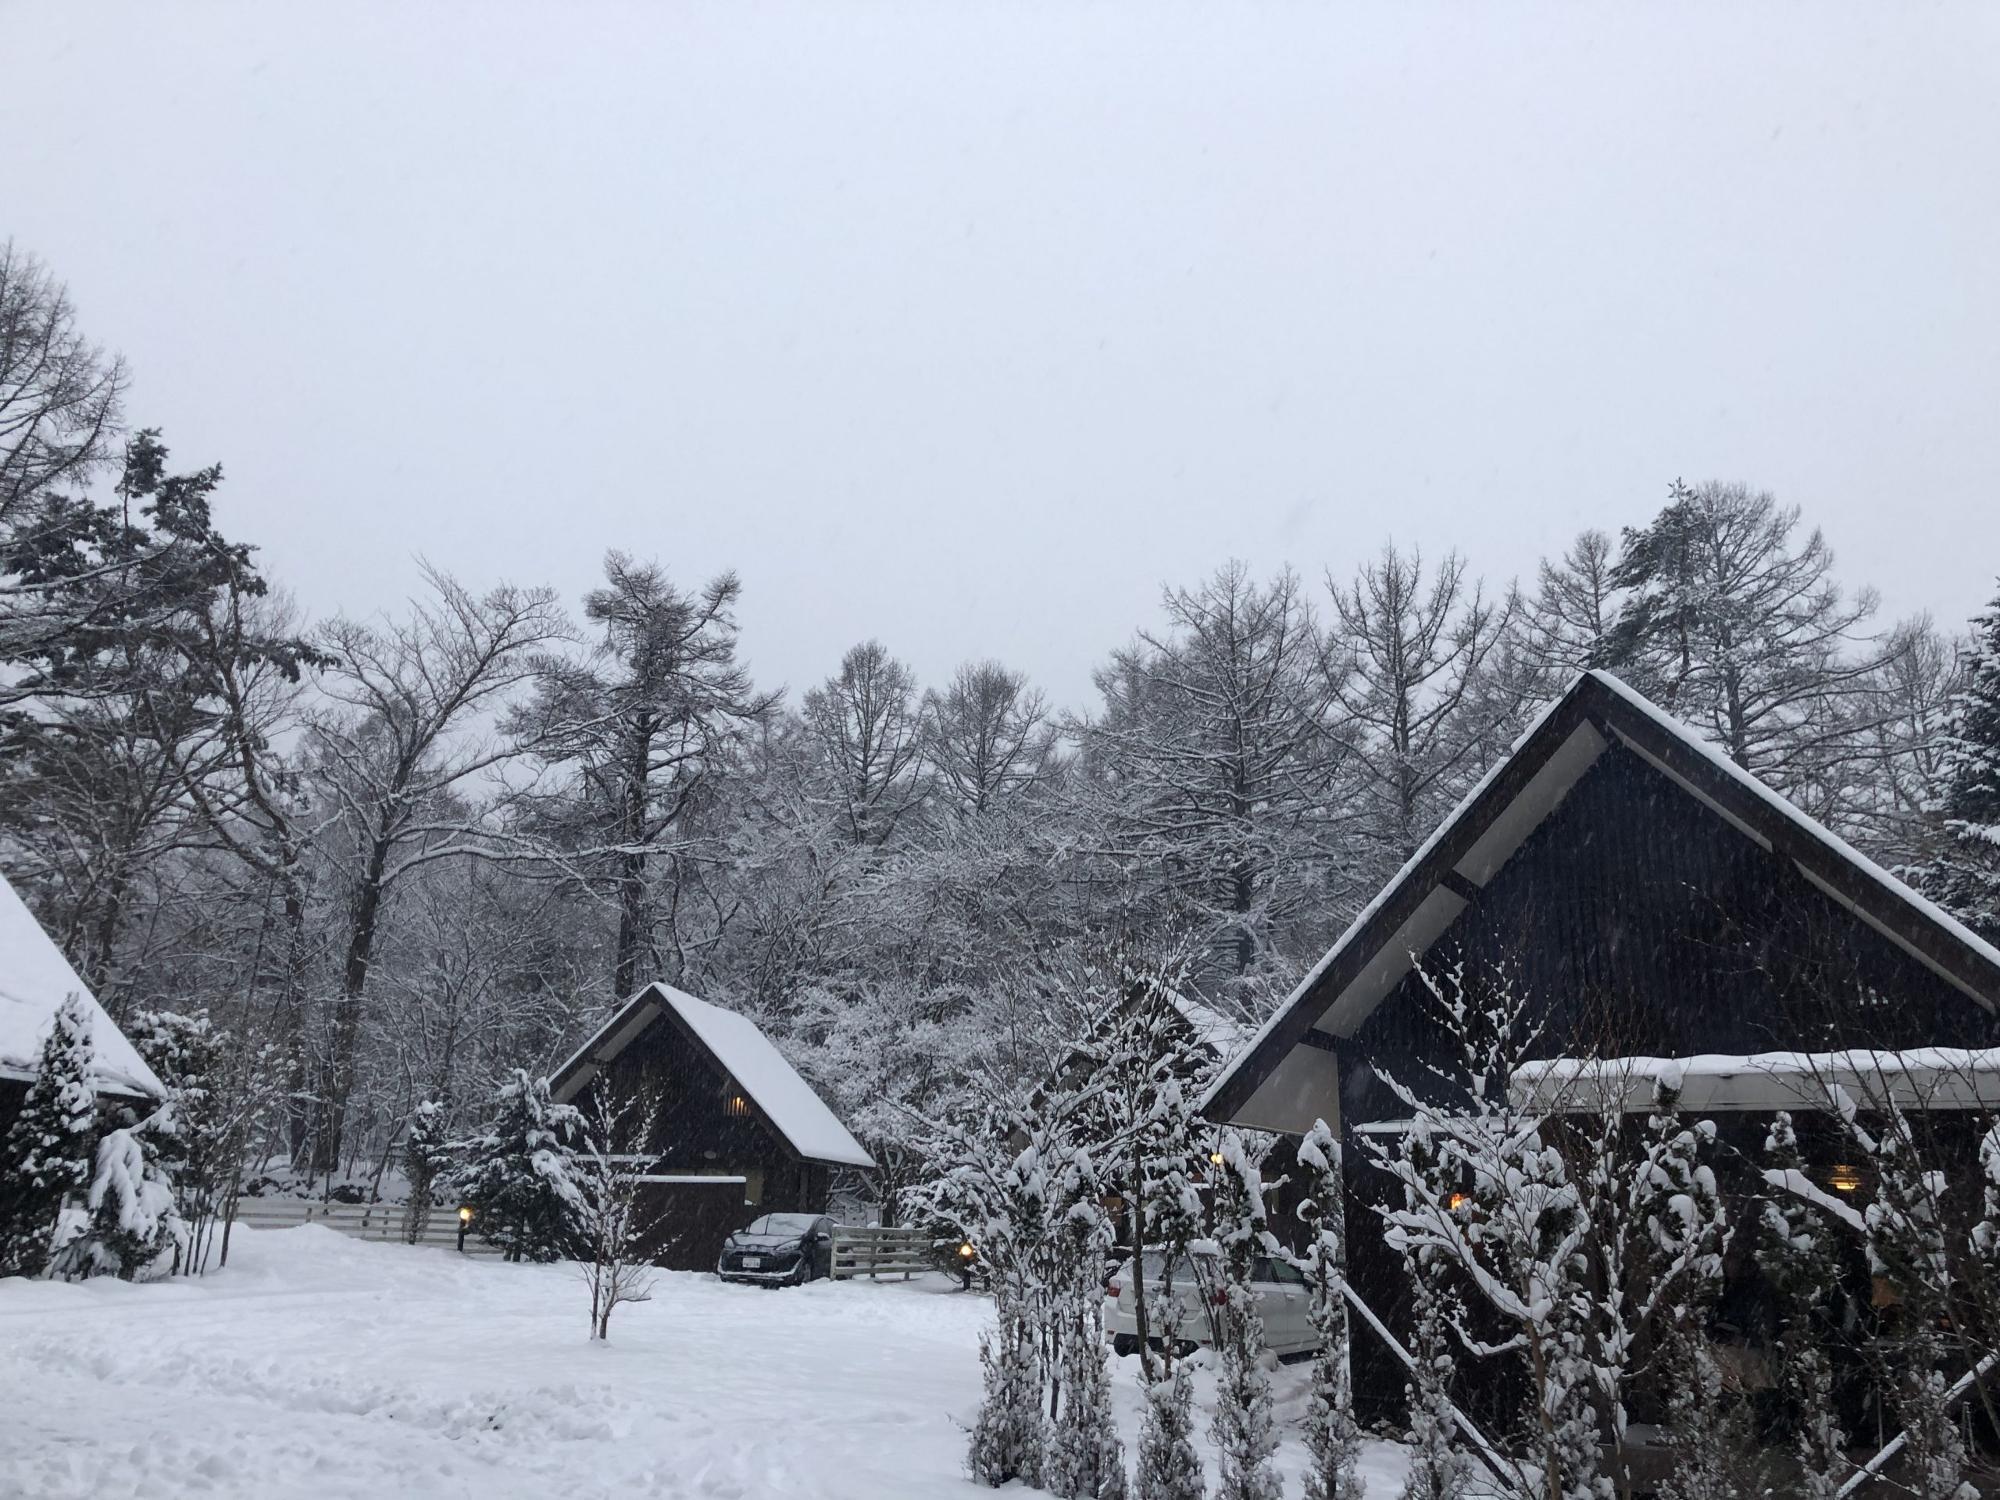 雪が積もったPICA山中湖のコテージ